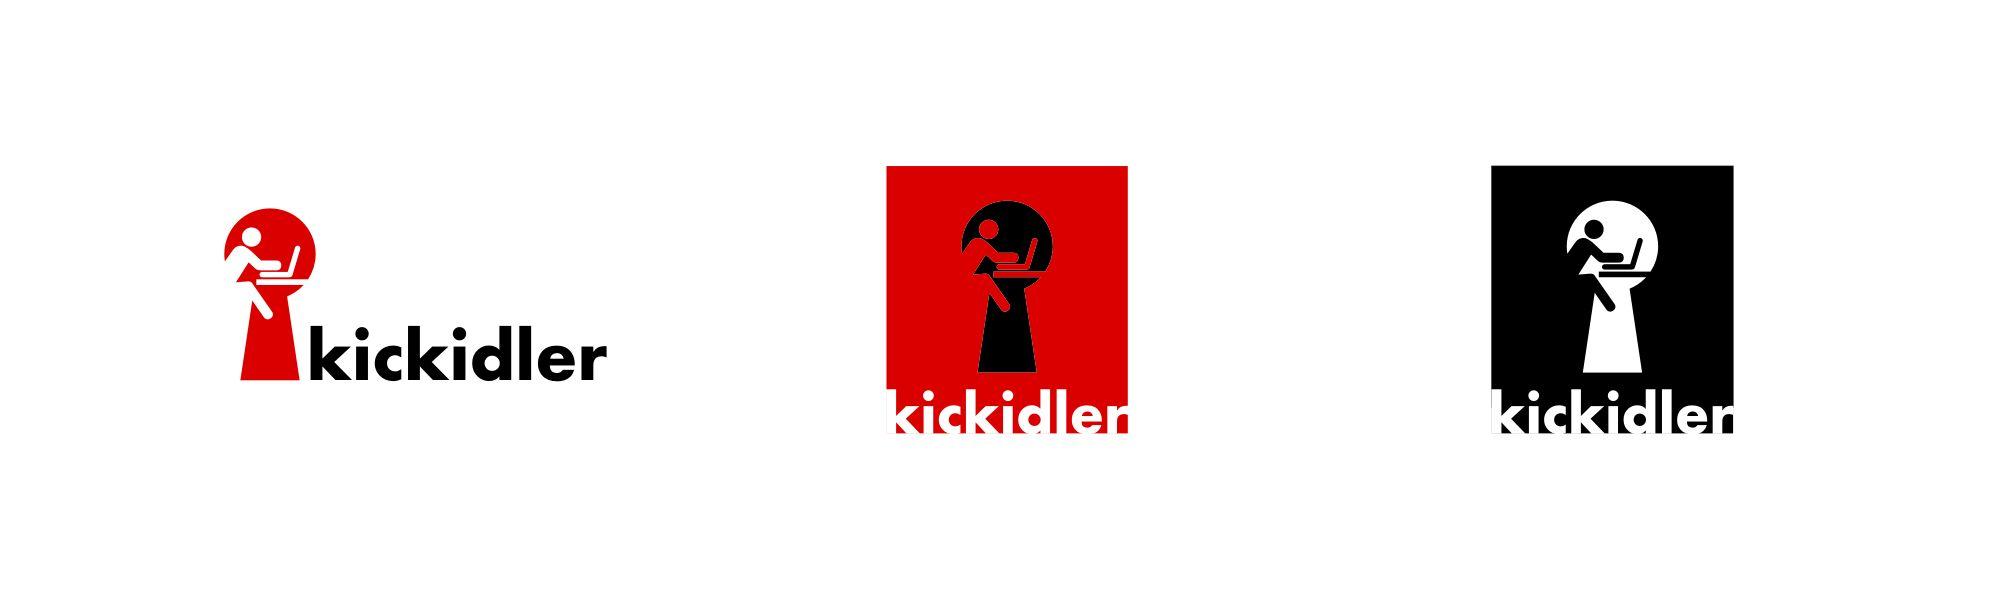 Логотип для клиента РА Маньяко - дизайнер Agor_